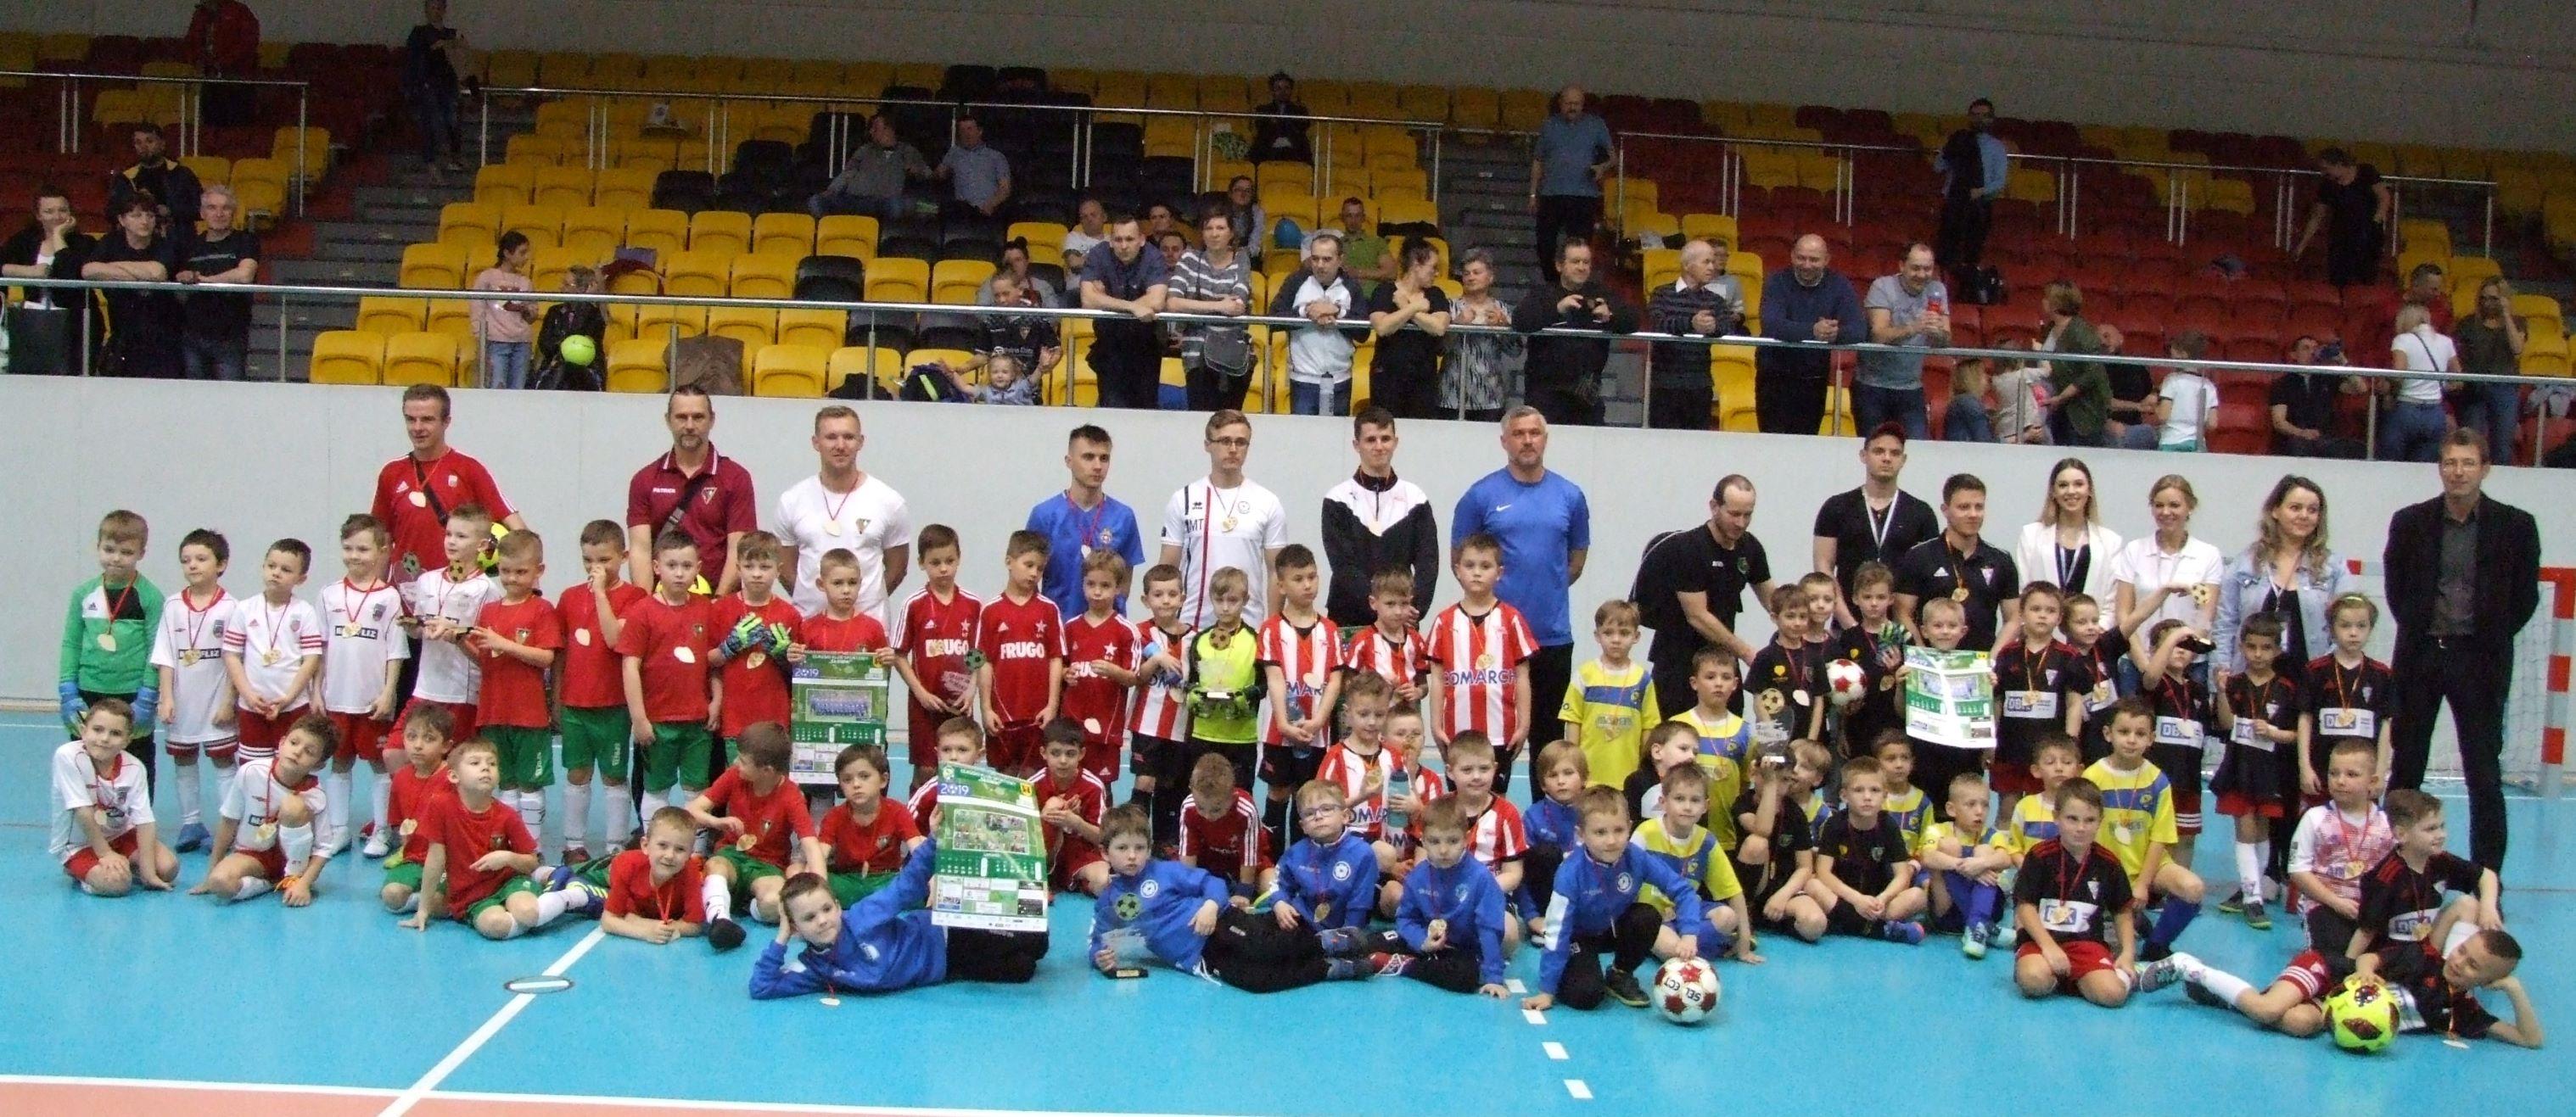 Zdjęcie drużyn biorących udział w turnieju